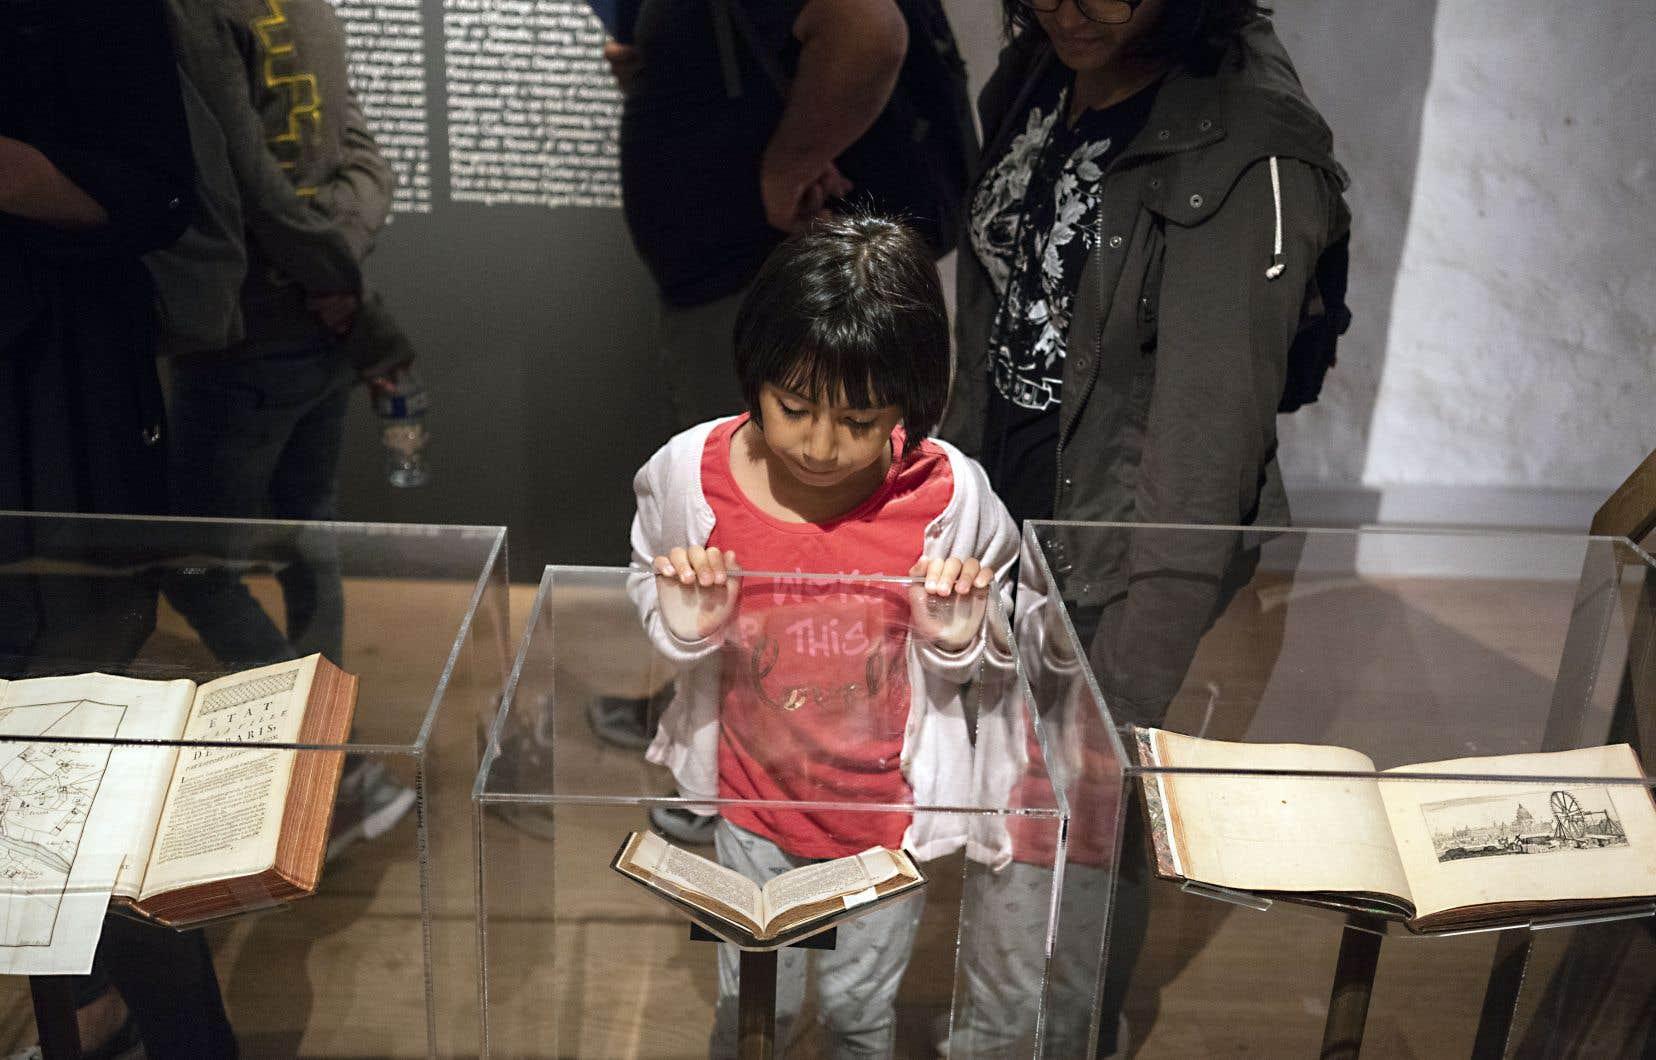 Les visiteurs peuvent découvrir de façon ludique les trois quartiers historiques de Paris présentés au musée.